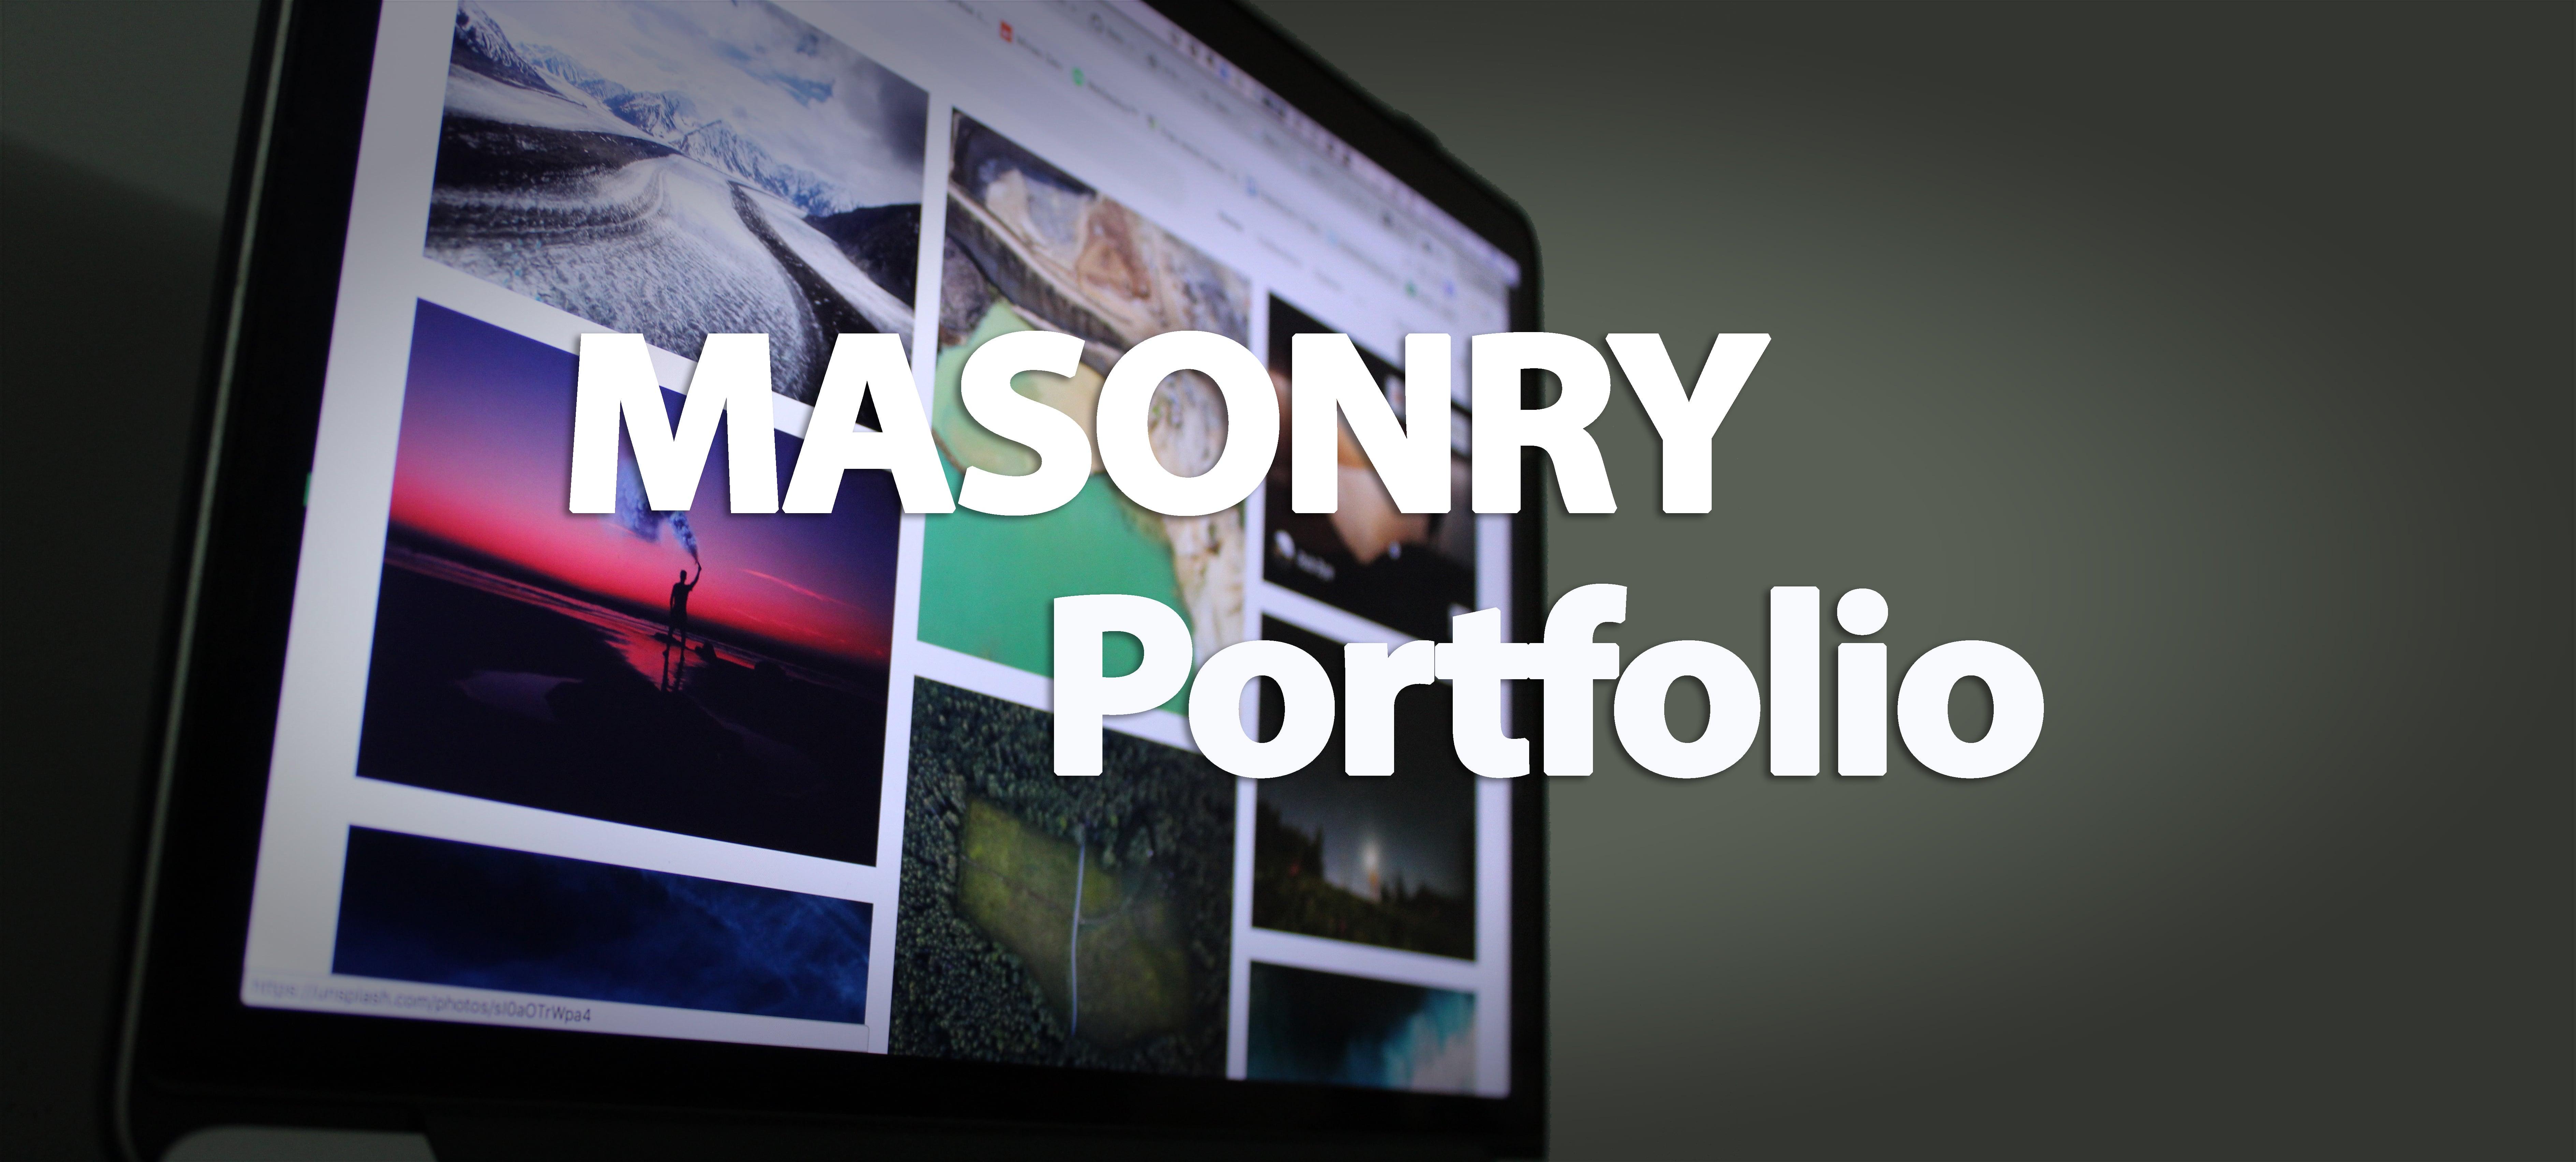 masonry portfolio main image